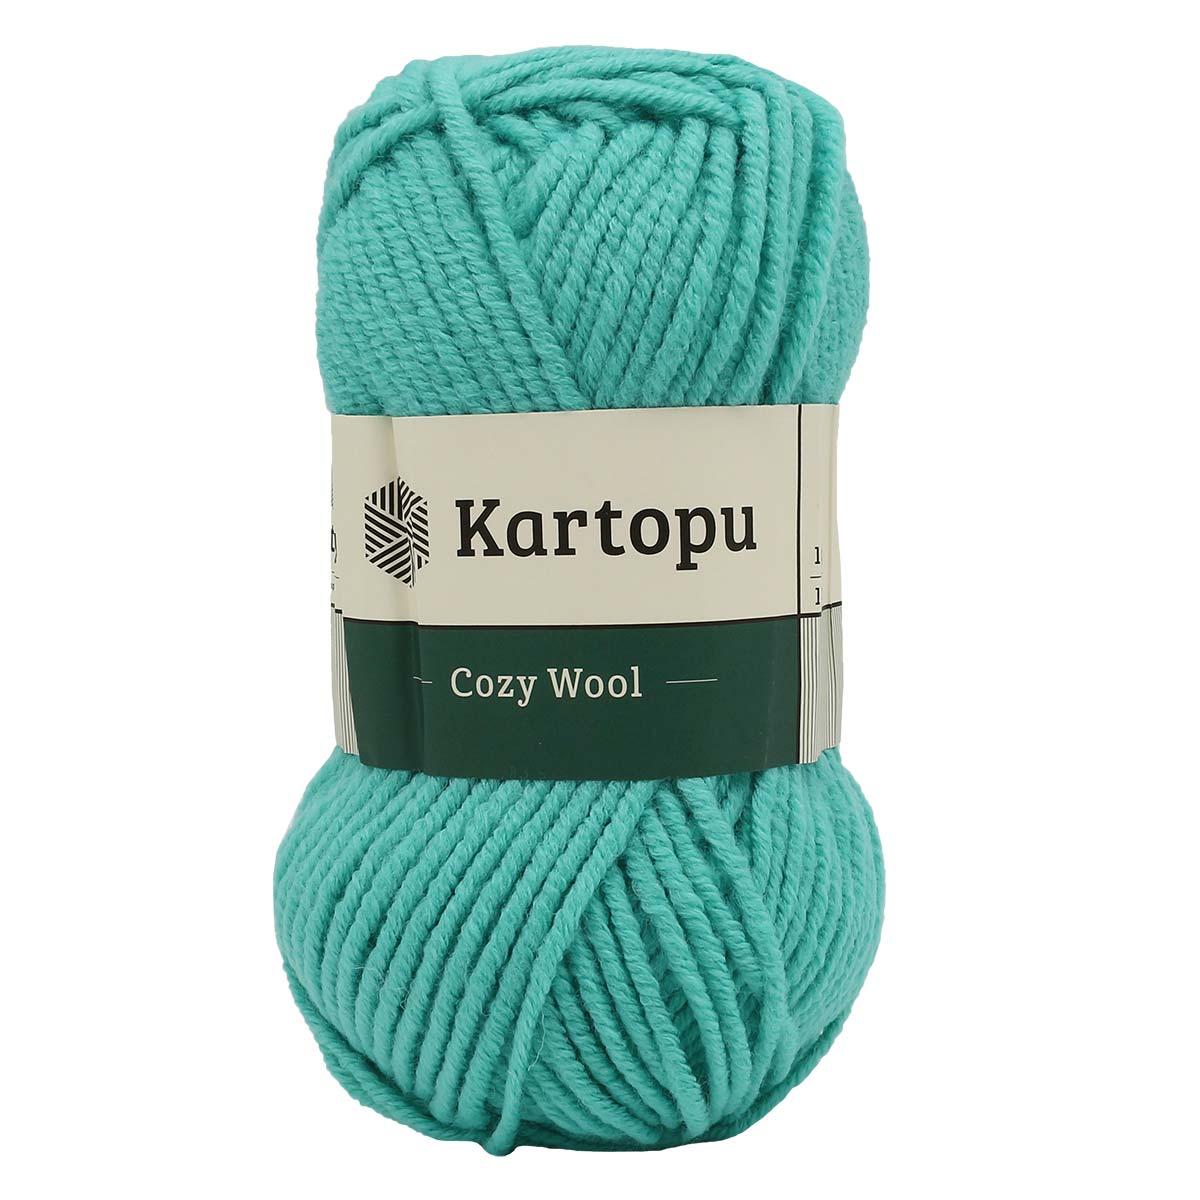 Пряжа KARTOPU 'Cozy Wool' 100г 110м (25% шерсть, 75% акрил)